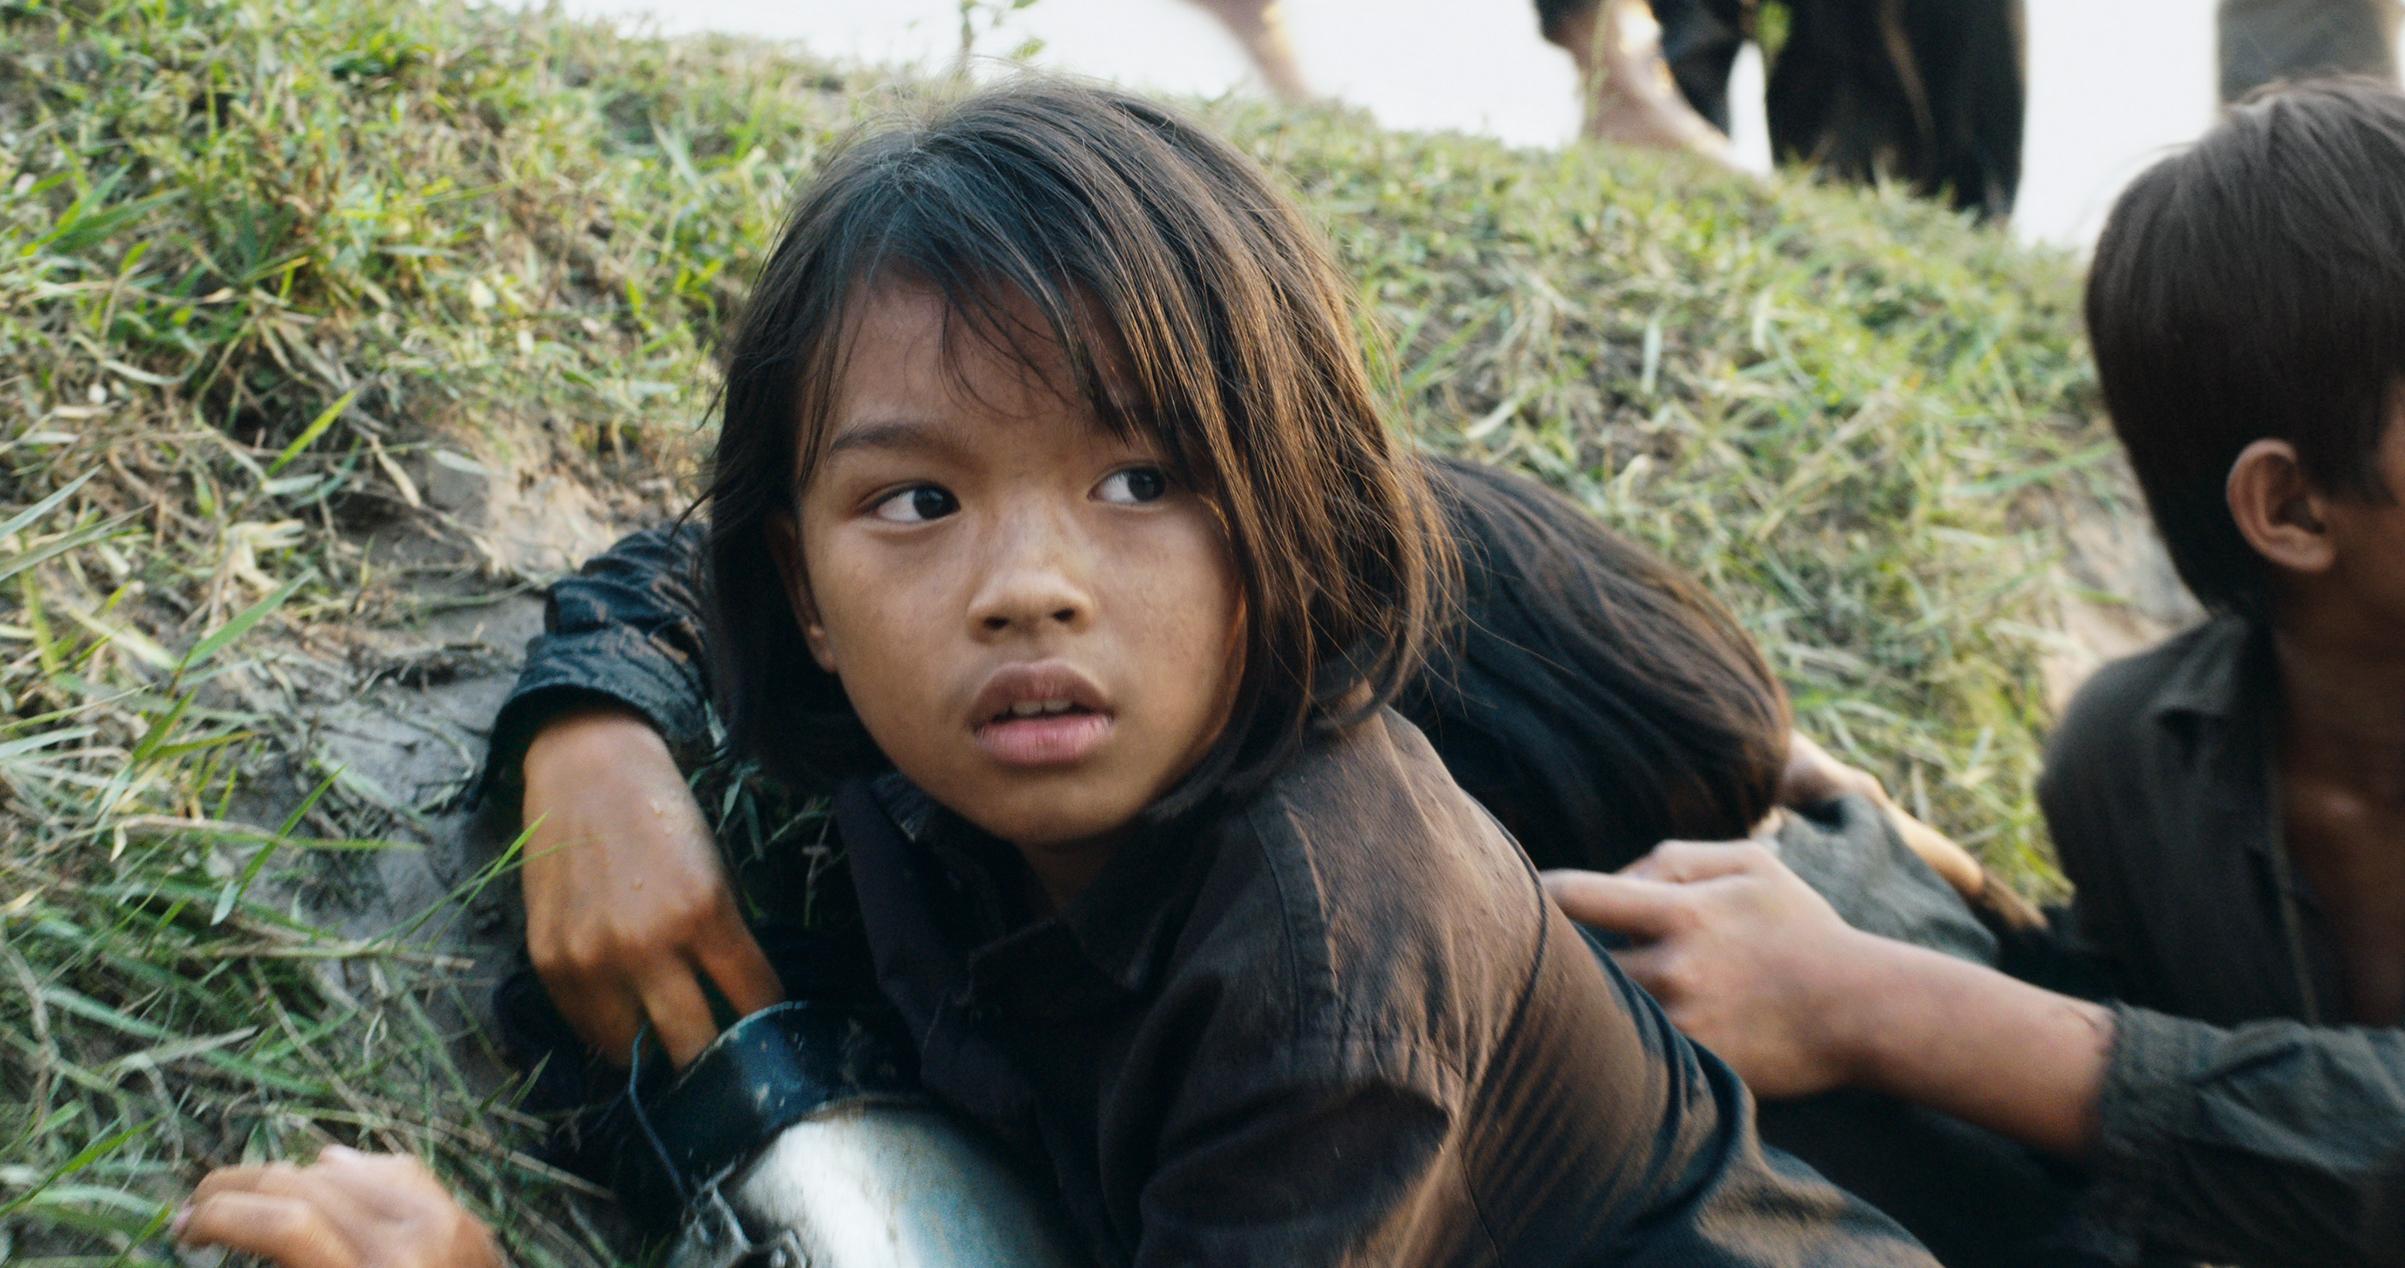 Sareum Srey Moch as Khmer Rouge survivor Loung Ung